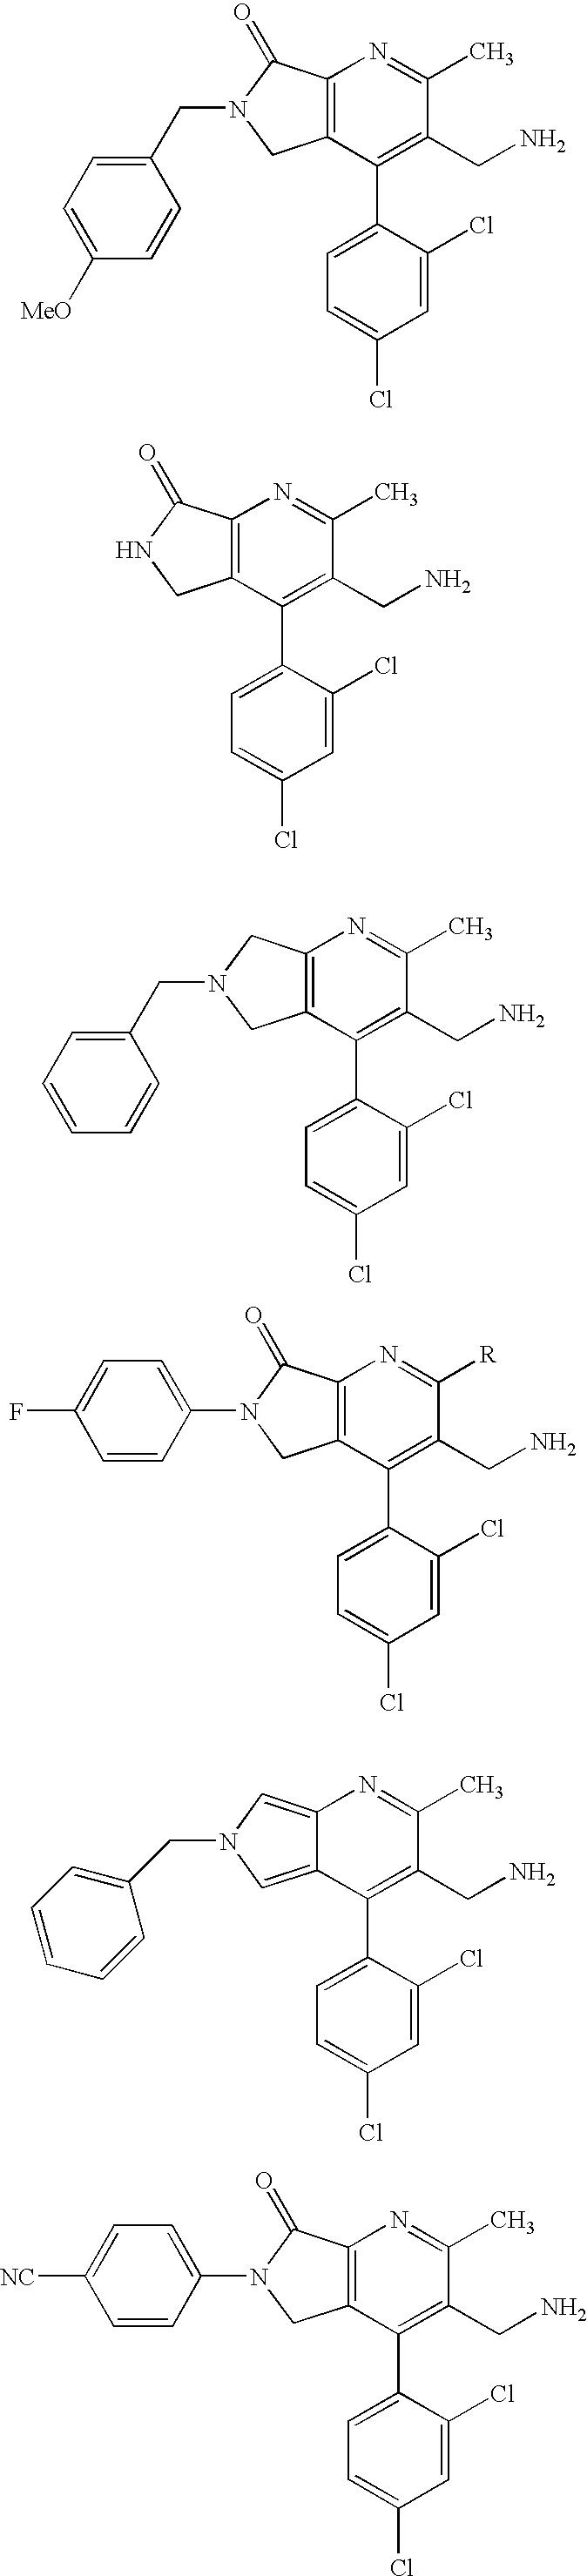 Figure US07521557-20090421-C00304